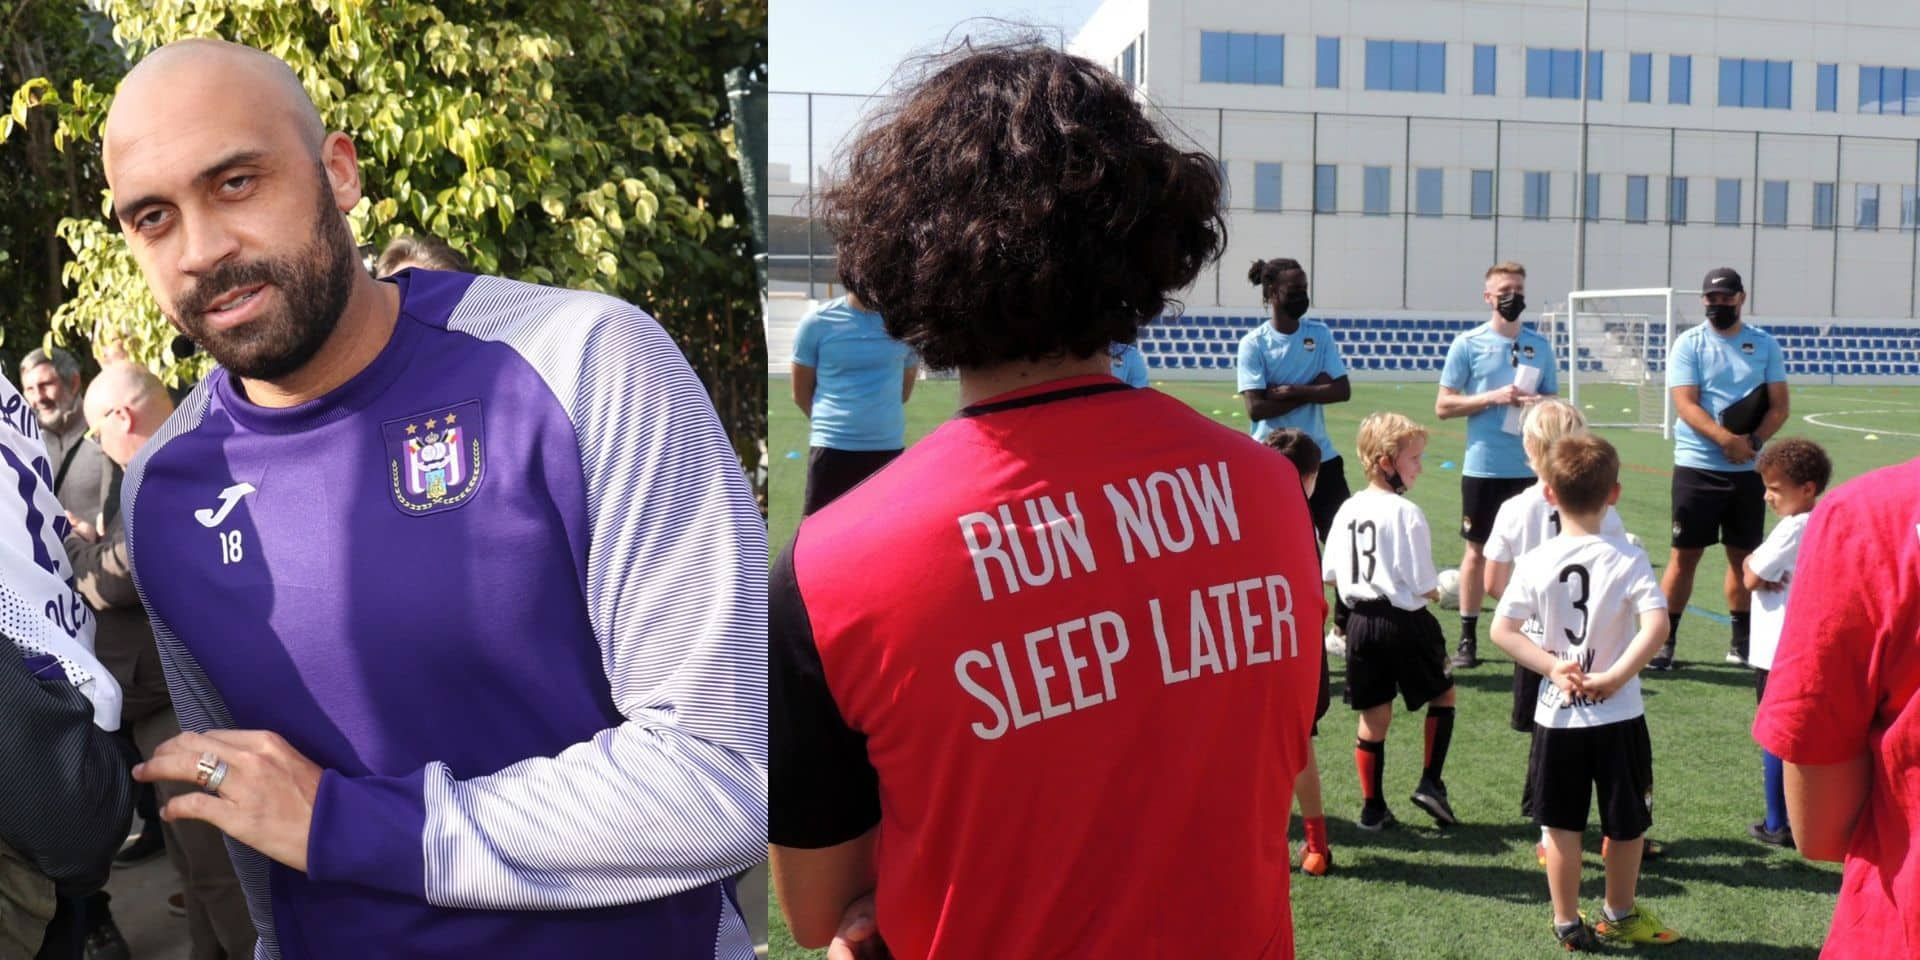 Avec son académie, Vanden Borre veut concurrencer Liverpool, le Barça et la Juve